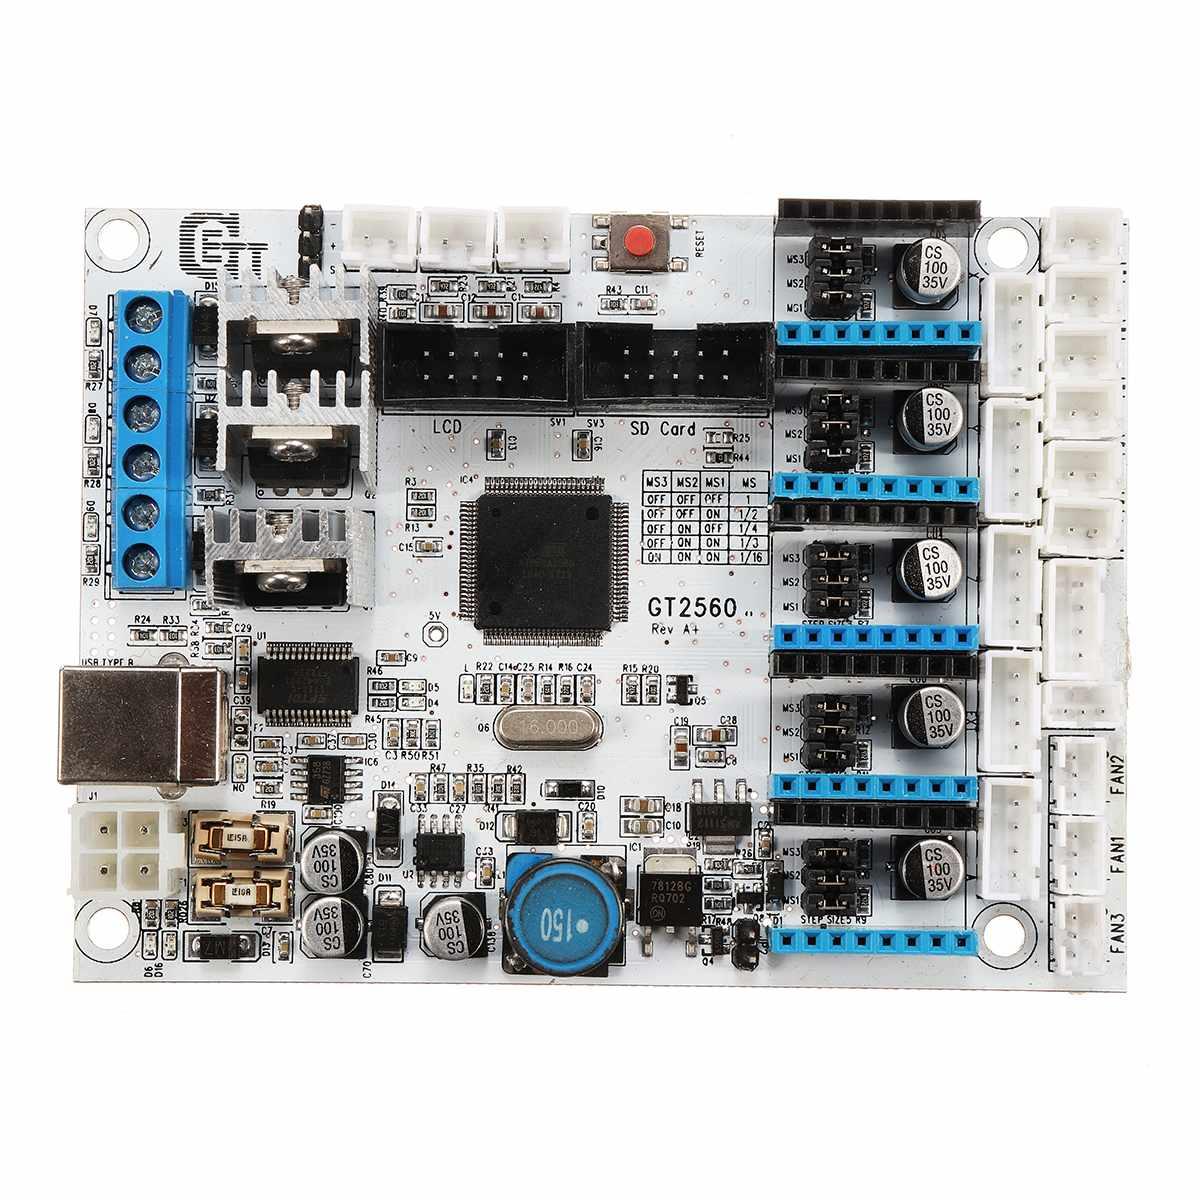 Placa de Controle Placa Controladora Da Impressora 3D GT2560 5 motores de passo para ATMEGA 2560 I3 Delta 16 mhz 3D Placa Da Impressora